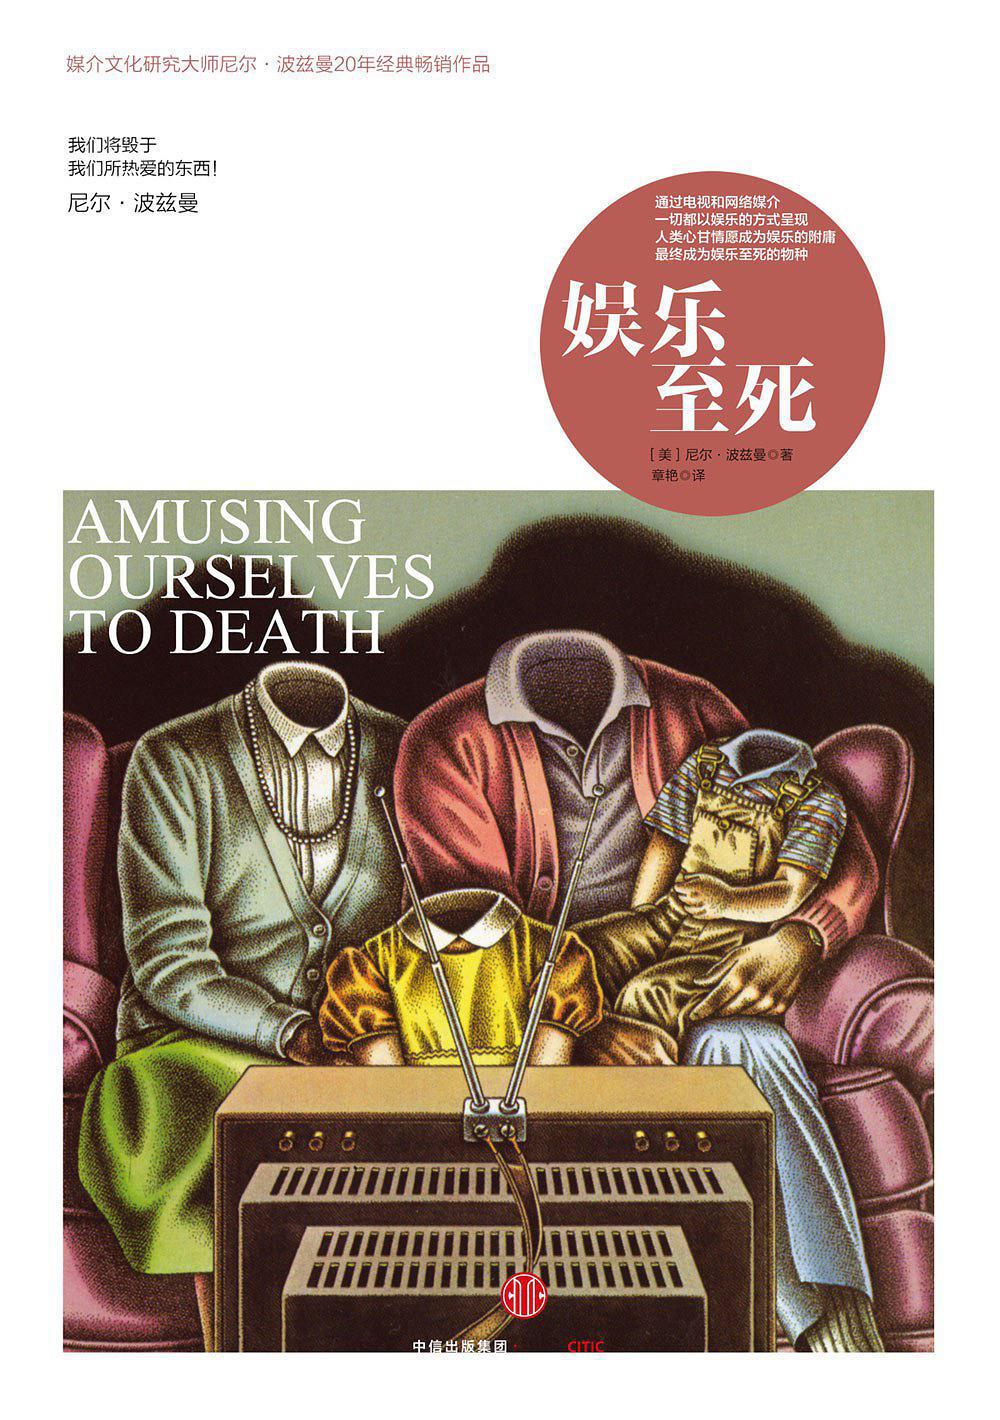 《娛樂至死》是尼爾·波茲曼於1985年出版的一本書,全球累積銷量超過200000本